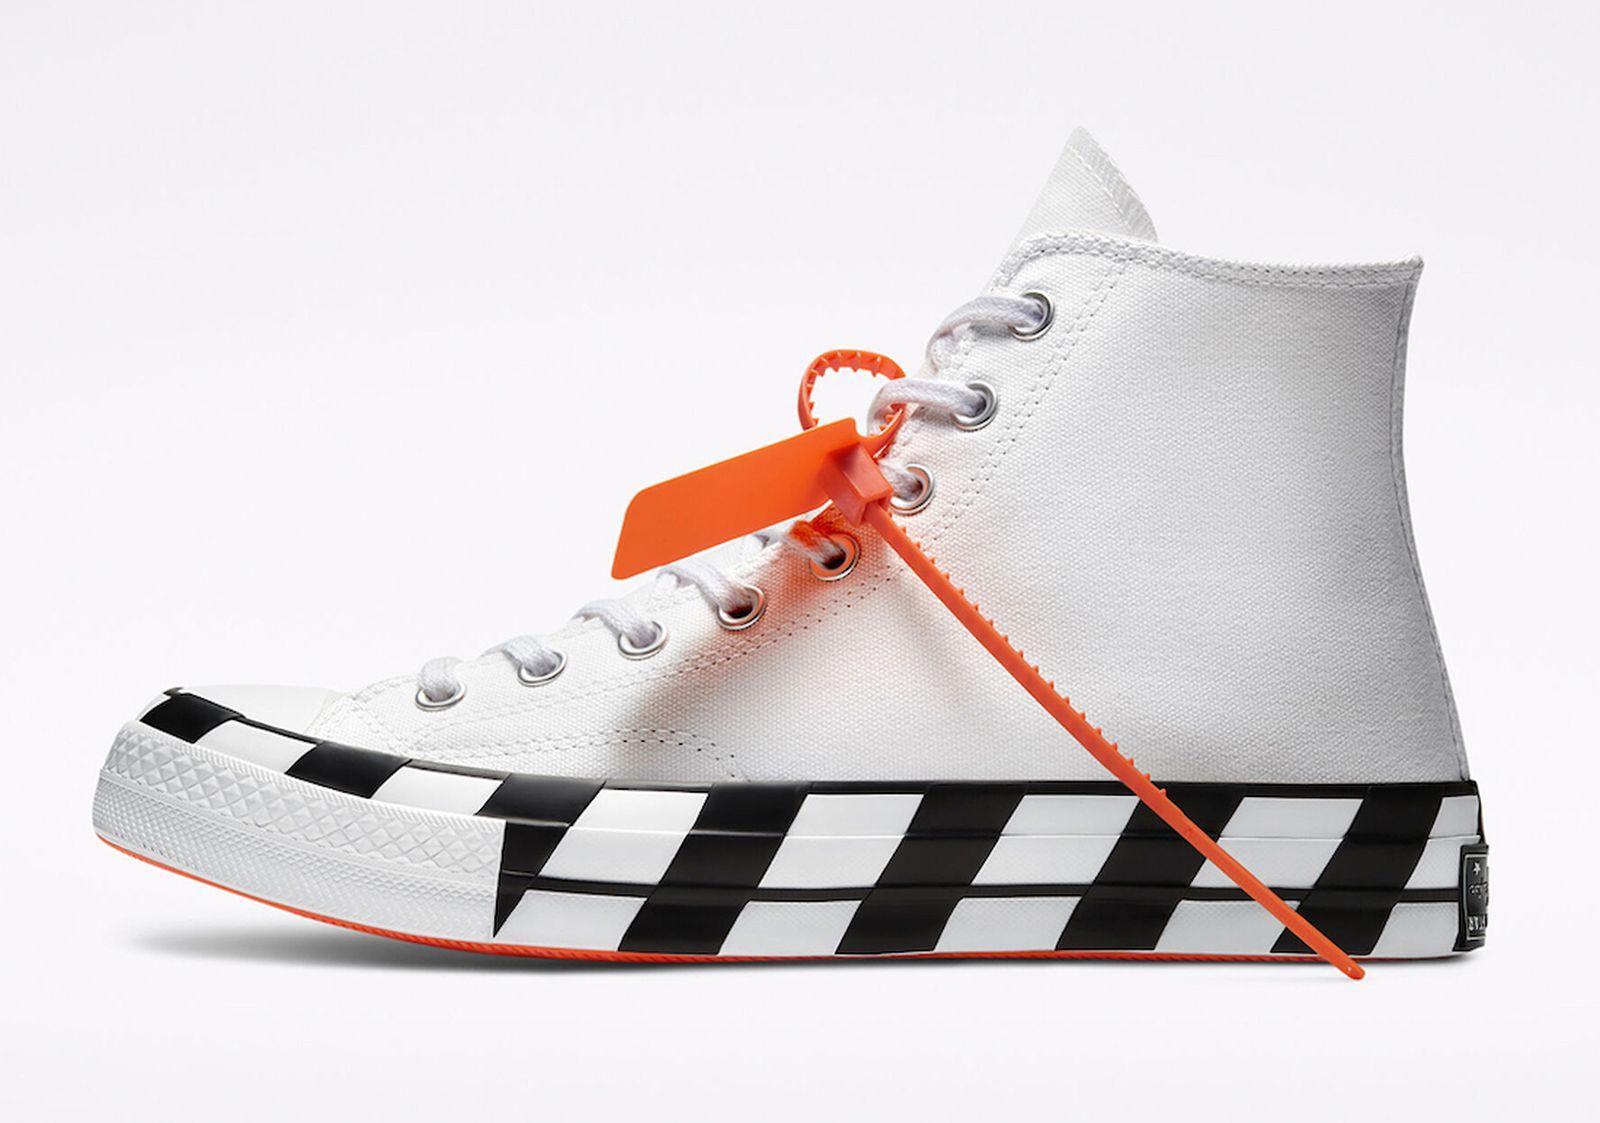 off-white-converse-chuck-70-restock-release-date-price-02